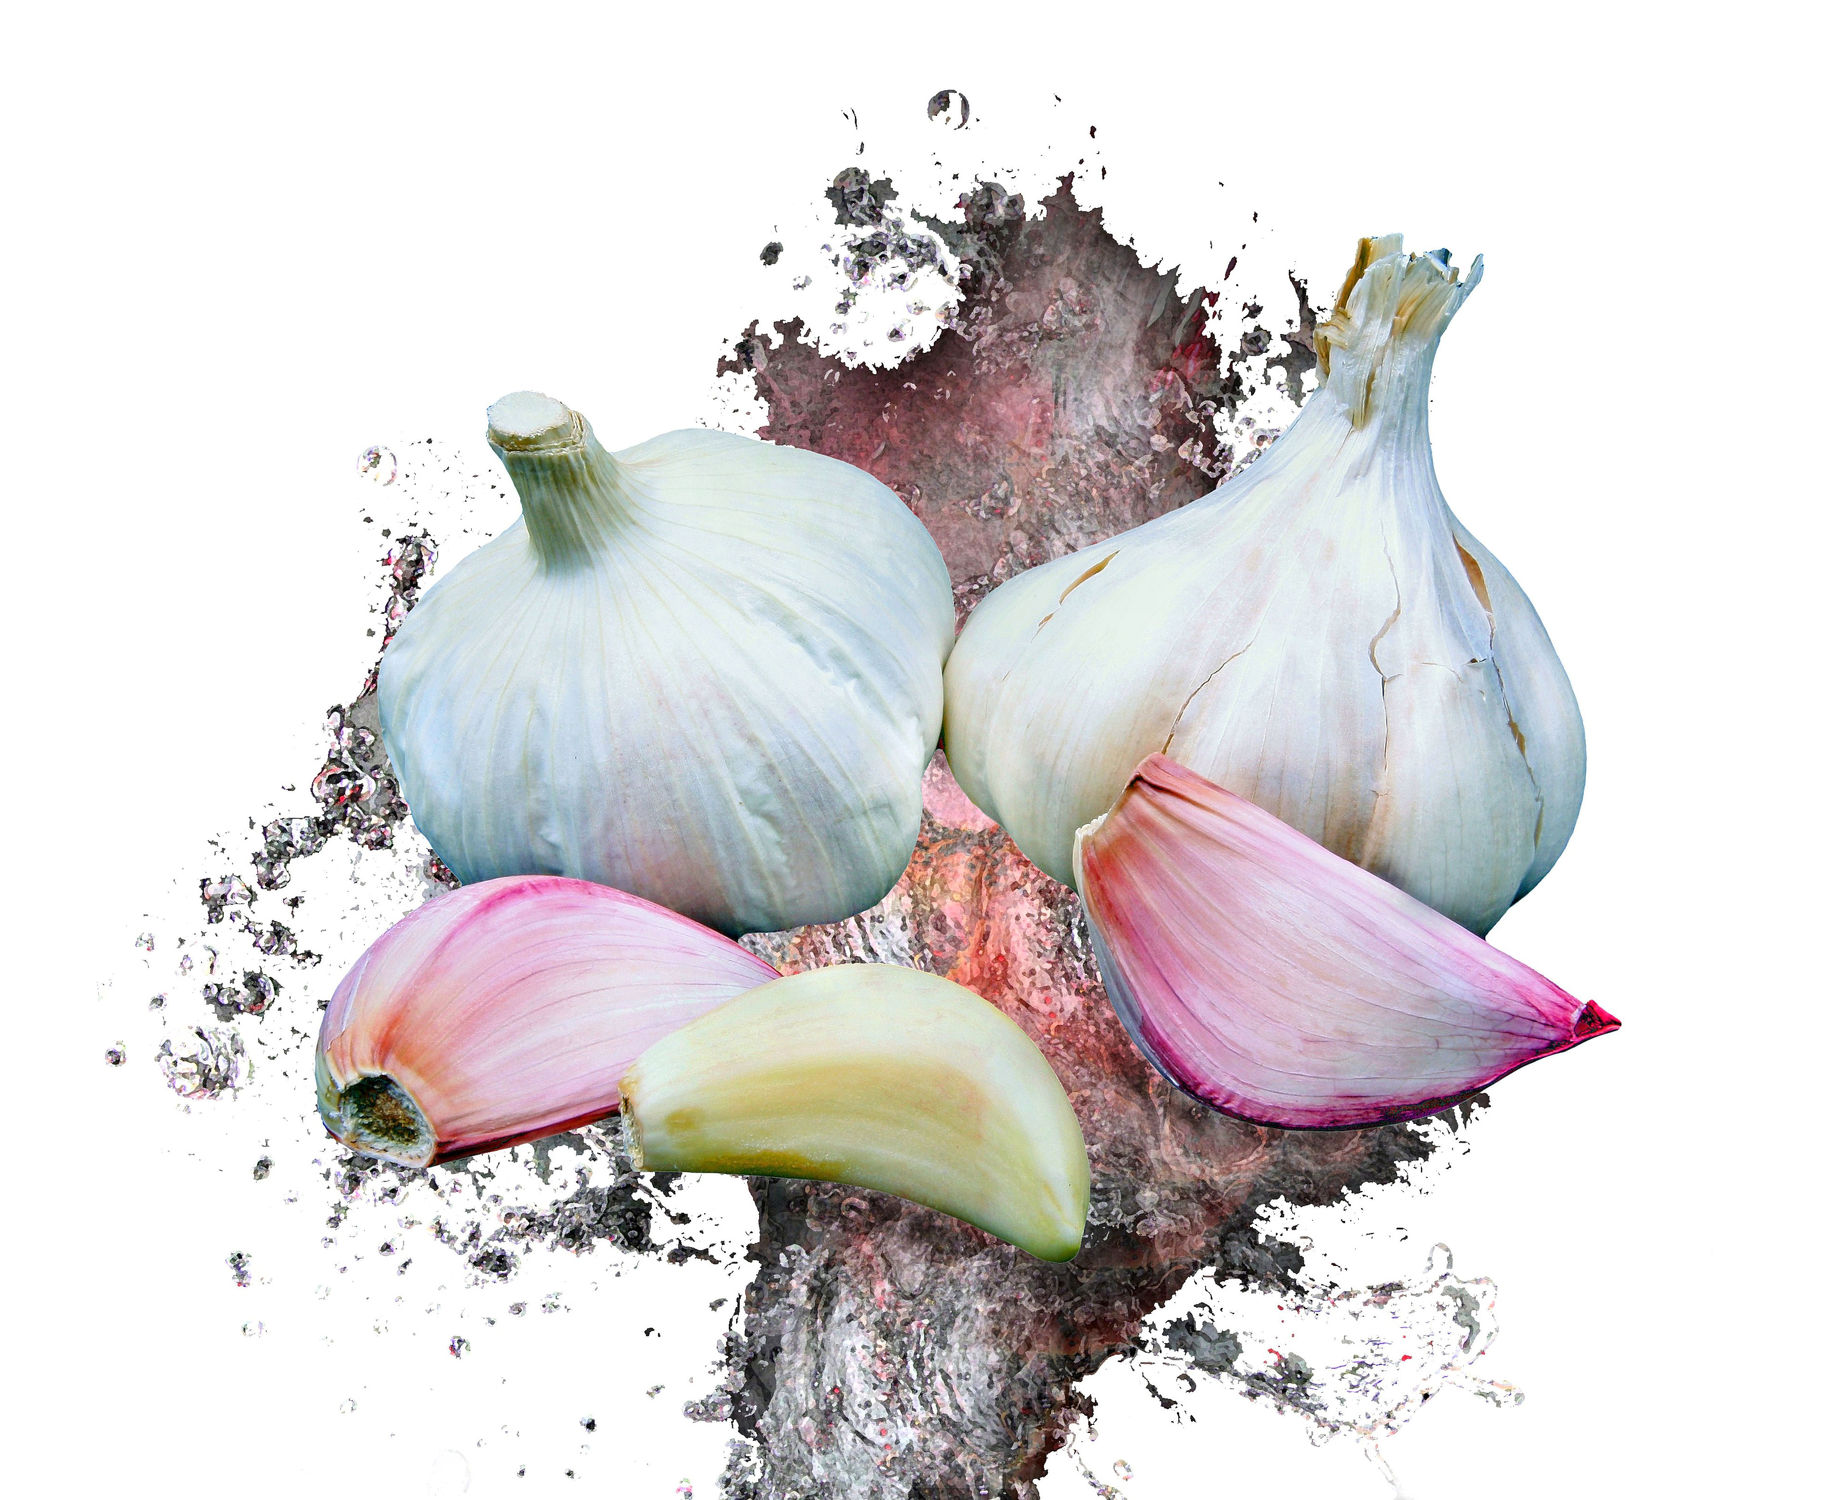 Bild mit Essen, Gemüse, Küchenbild, Food, Stilleben, Küchenbilder, Textur, Küche, Küche, Esszimmer, knoblauch, kochen, Gewürze